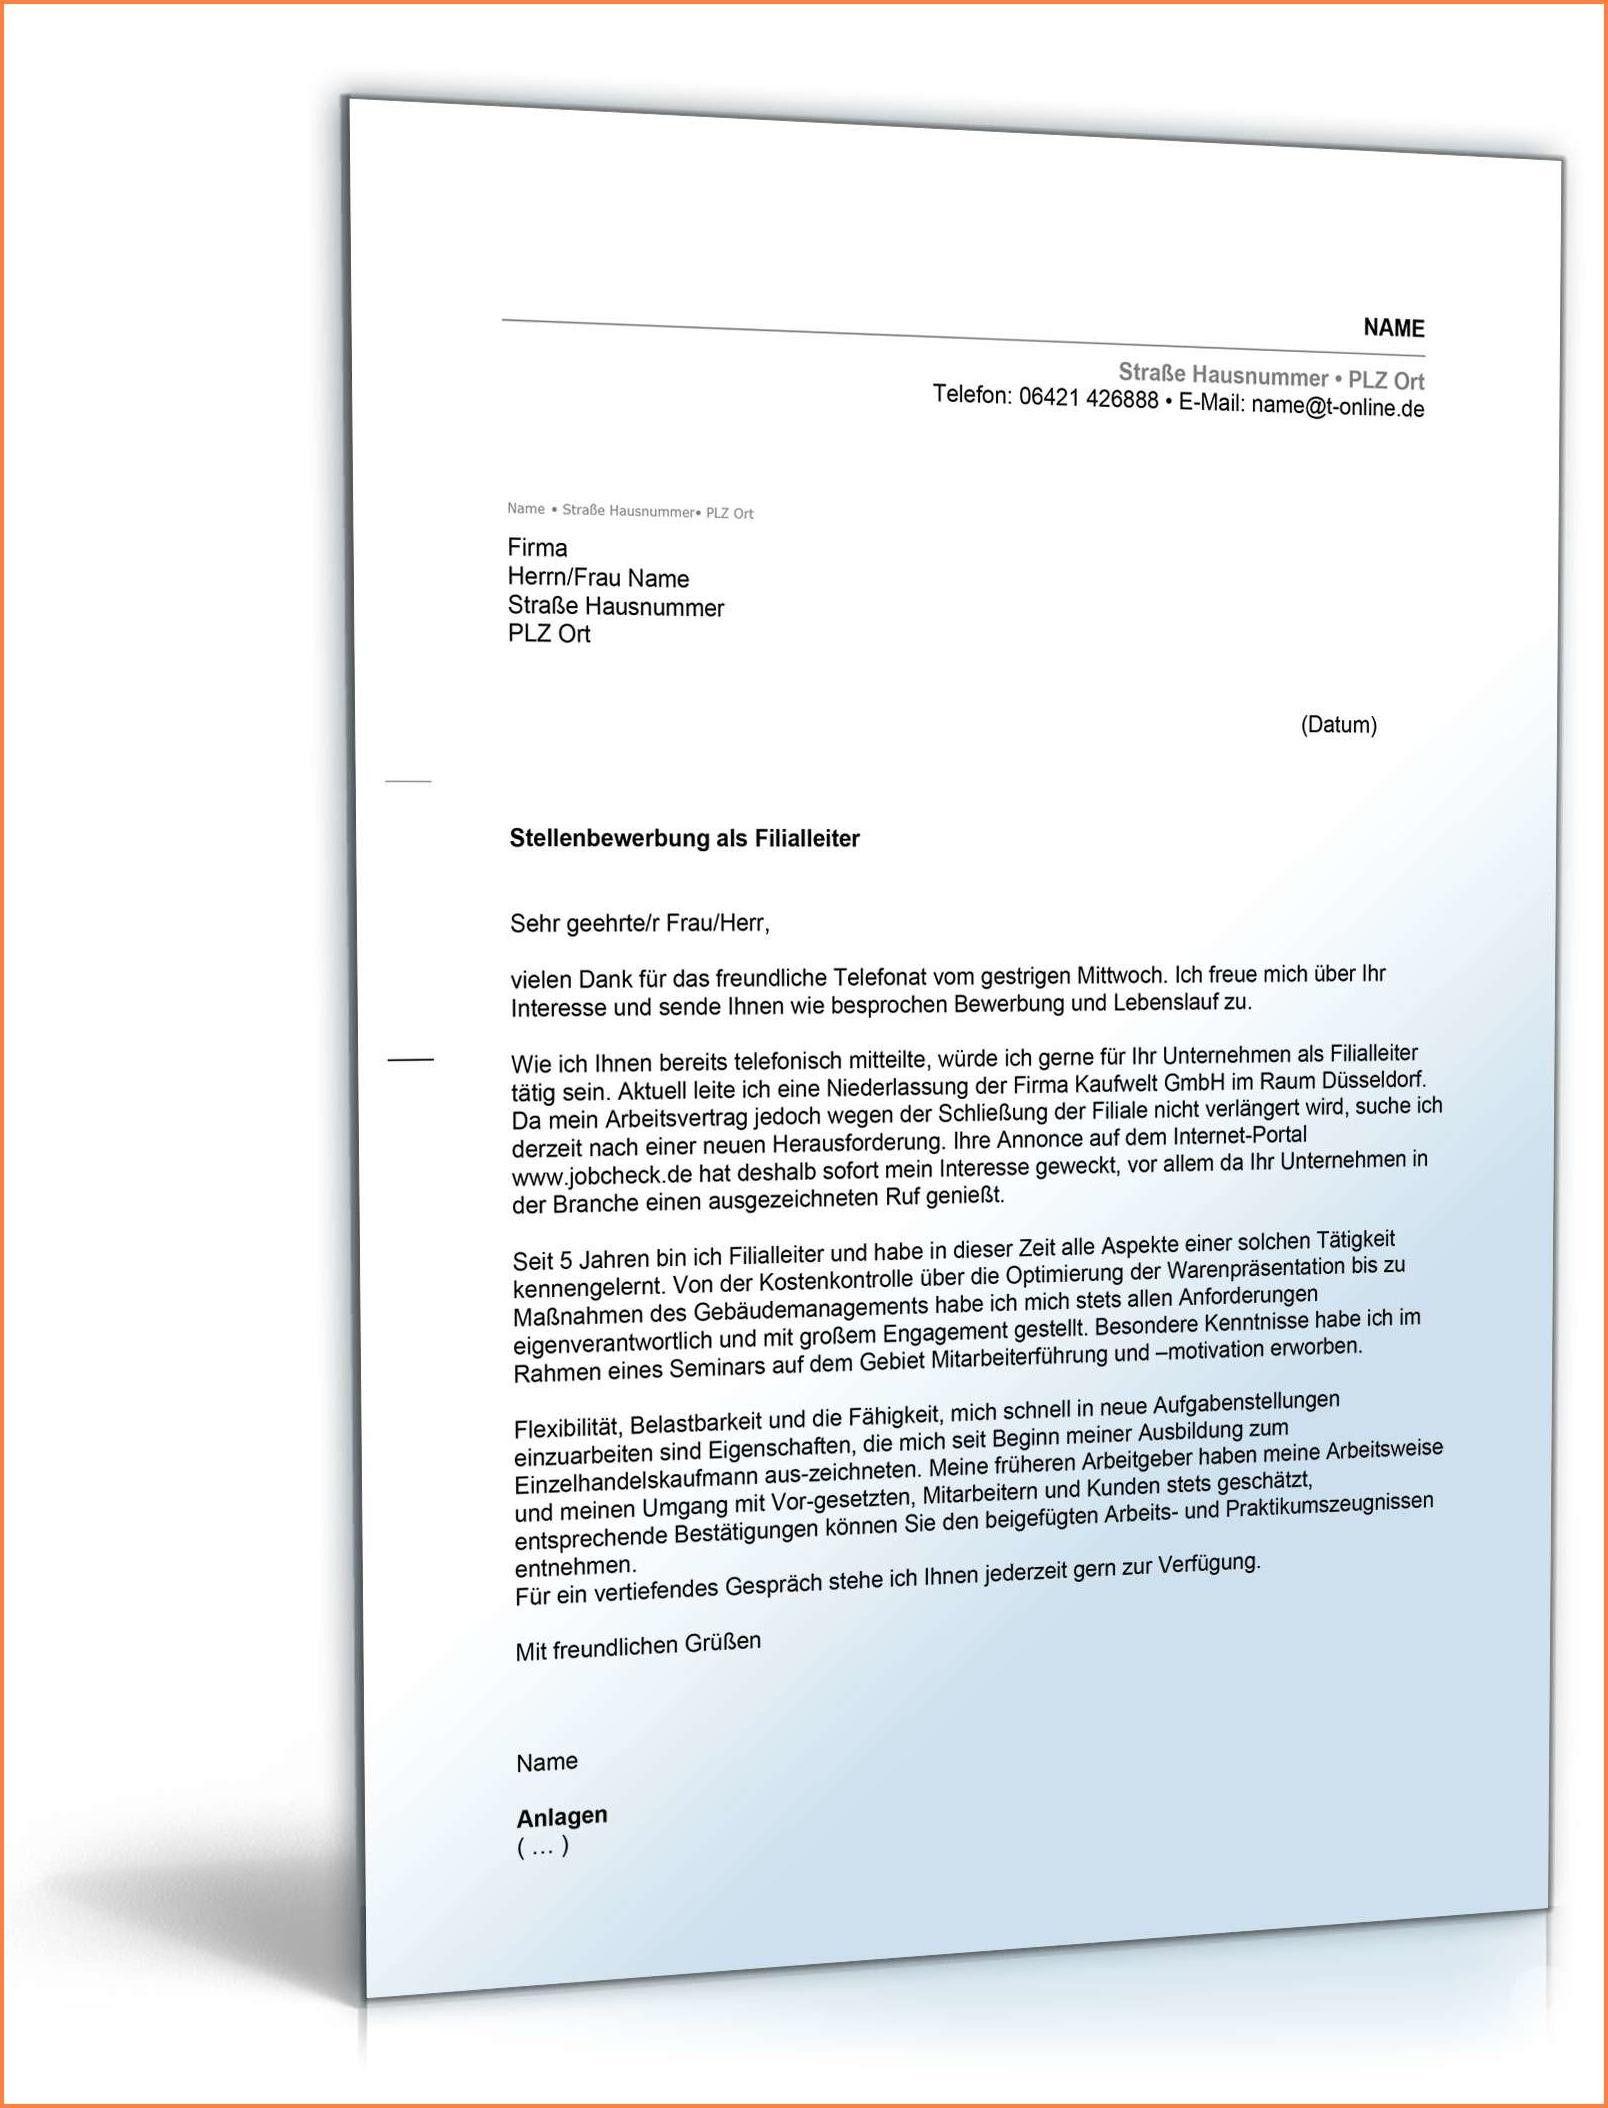 Neu Motivationsschreiben Verfassungsschutz Briefprobe Briefformat Briefvorlage Anschreiben Vorlage Bewerbung Schreiben Lebenslauf